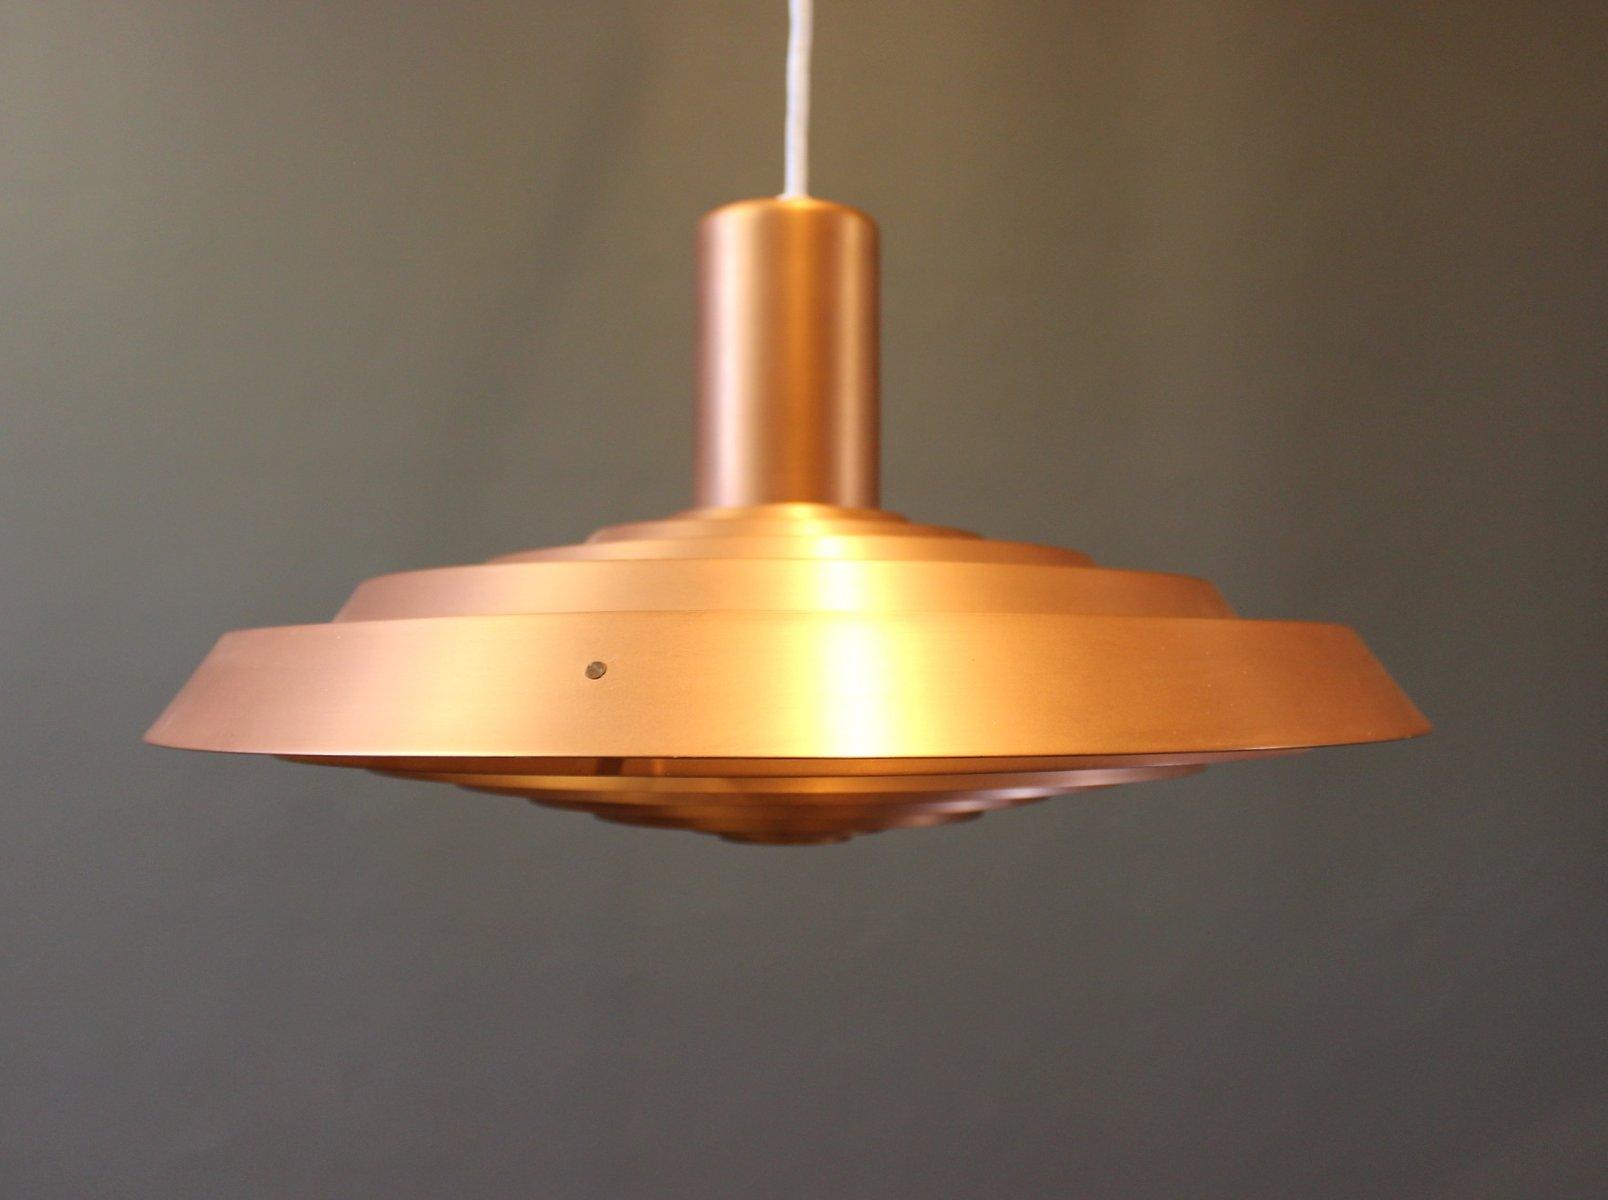 kupfer-plate-haengelampe-von-poul-henningsen-fuer-louis-poulsen-1960er-1 Schöne Lampe Mit Mehreren Lampenschirmen Dekorationen